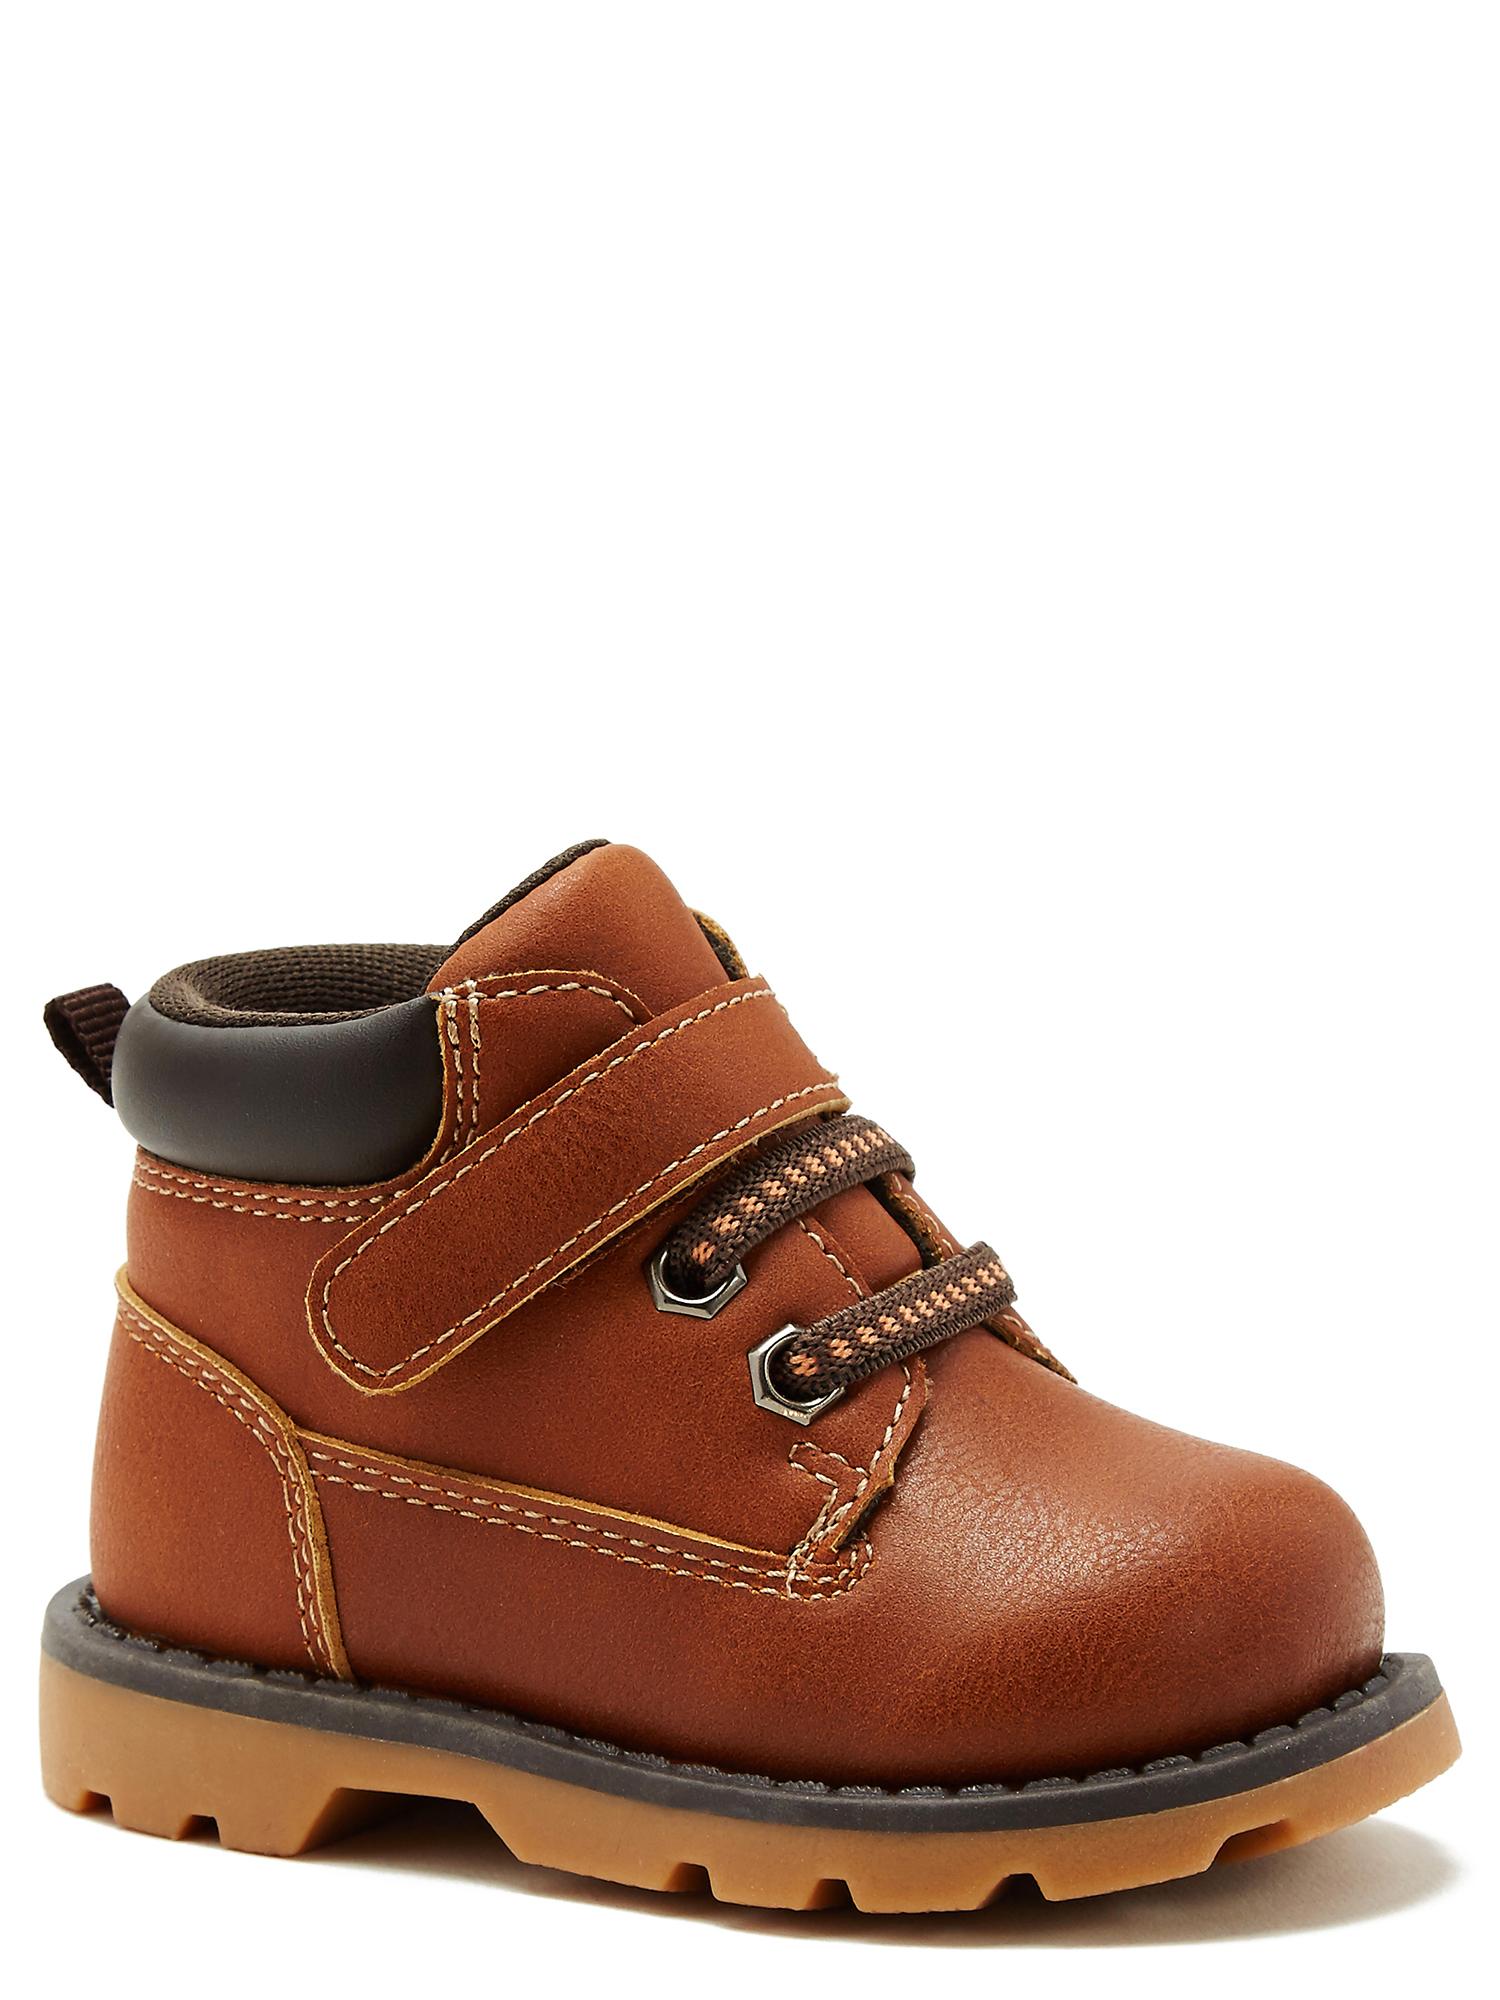 Ib Garanimals Work Boot